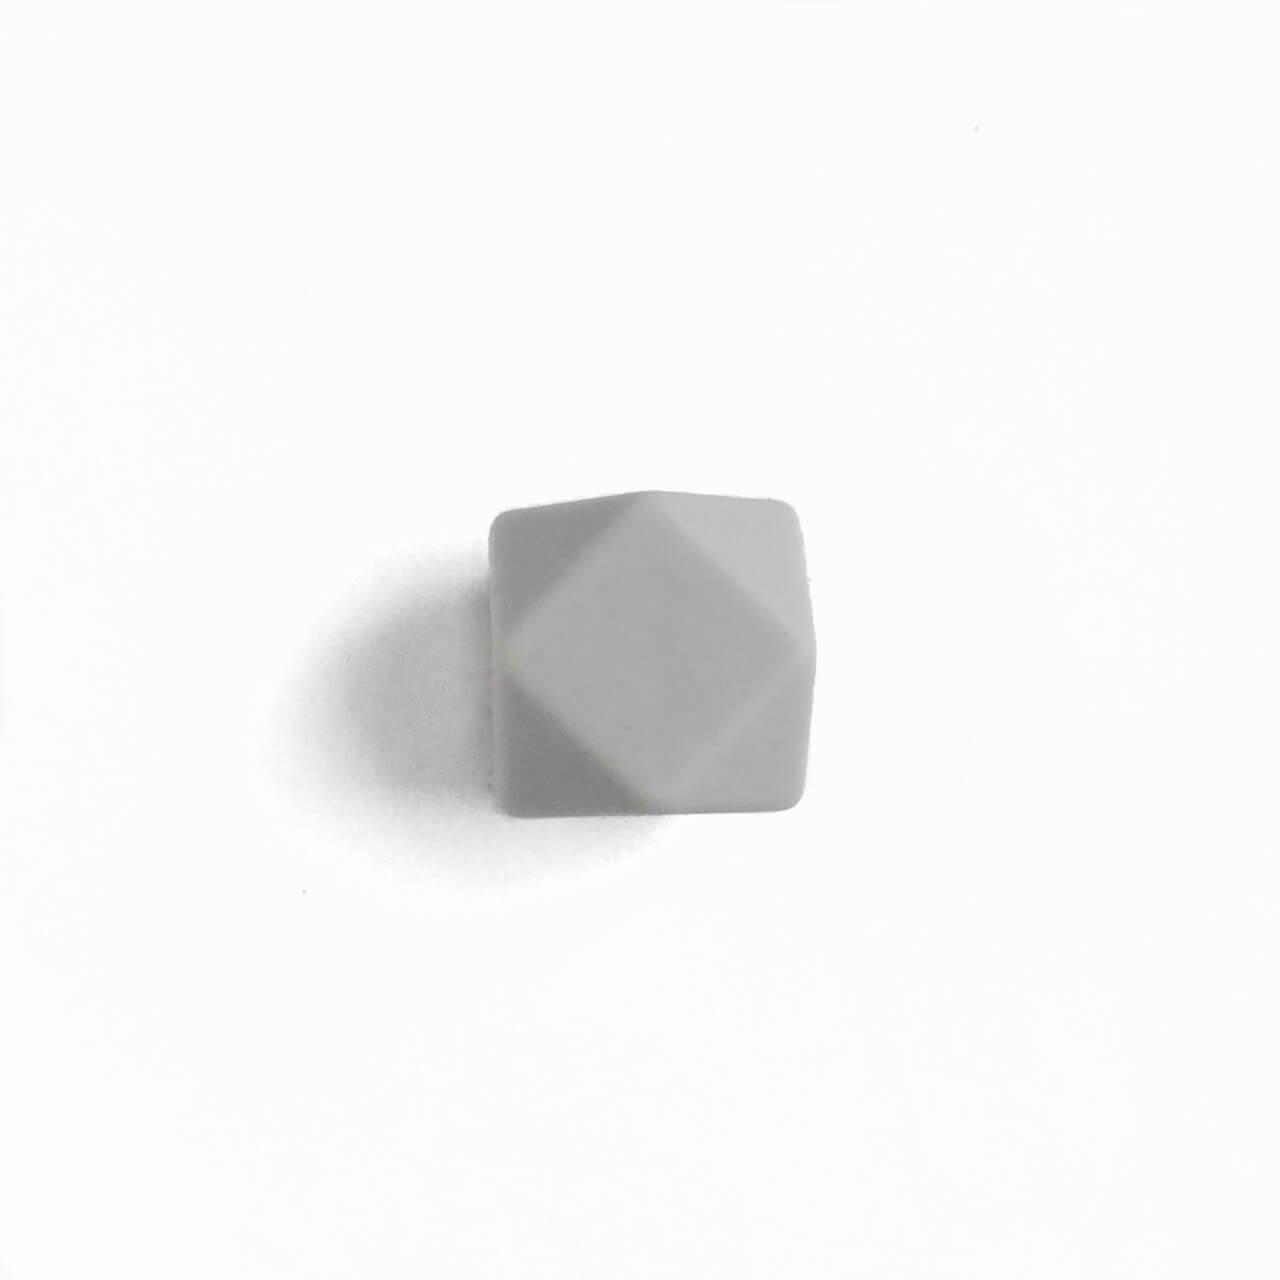 МИНИ гексагон (светло серый) 14мм, силиконовая бусина